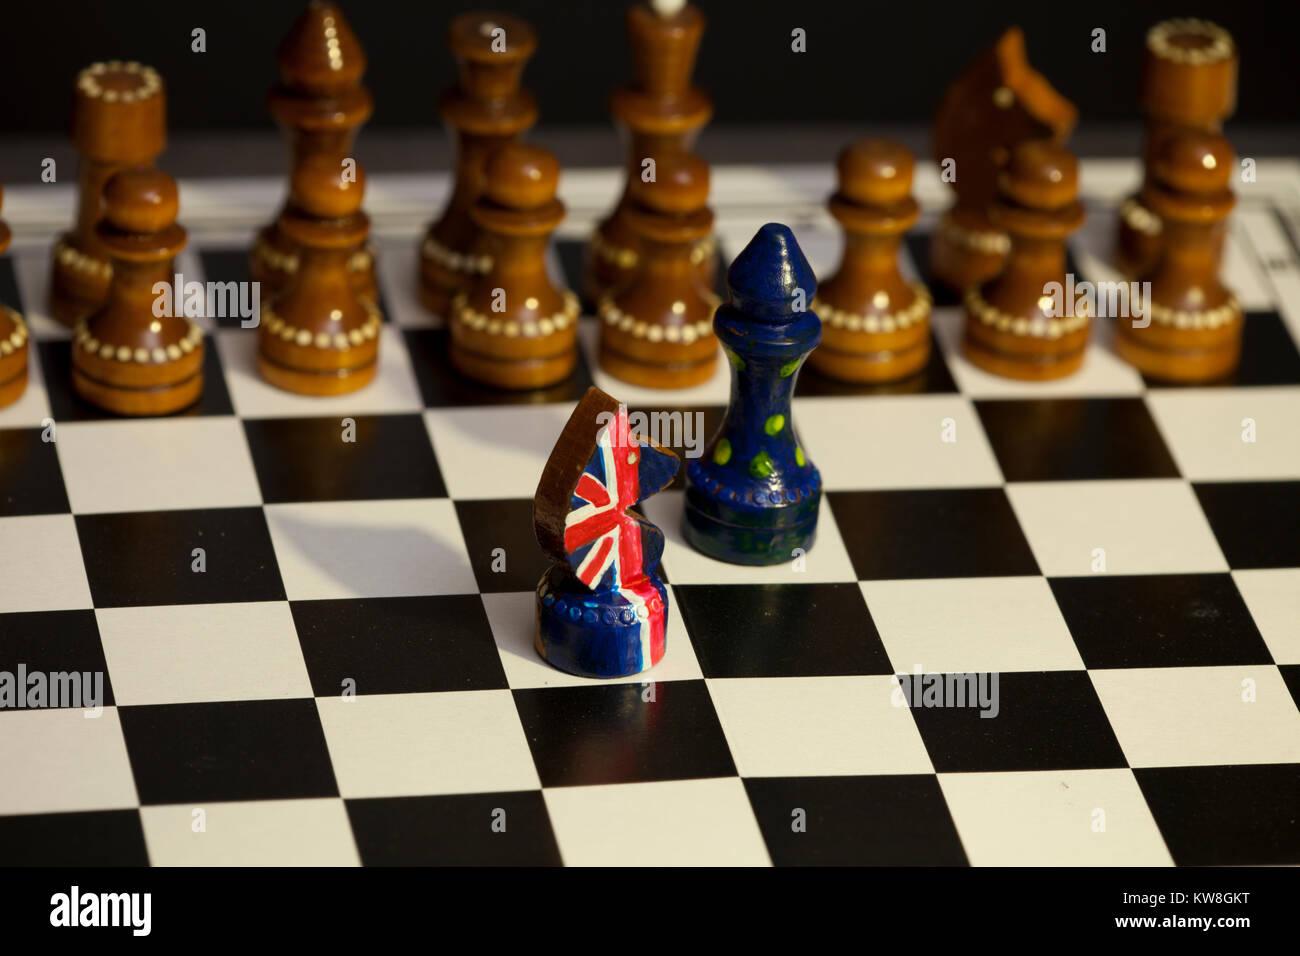 Schach spiel Großbritannien und der Europäischen Union, Brexit Britische und Europäische Konfrontation Stockbild